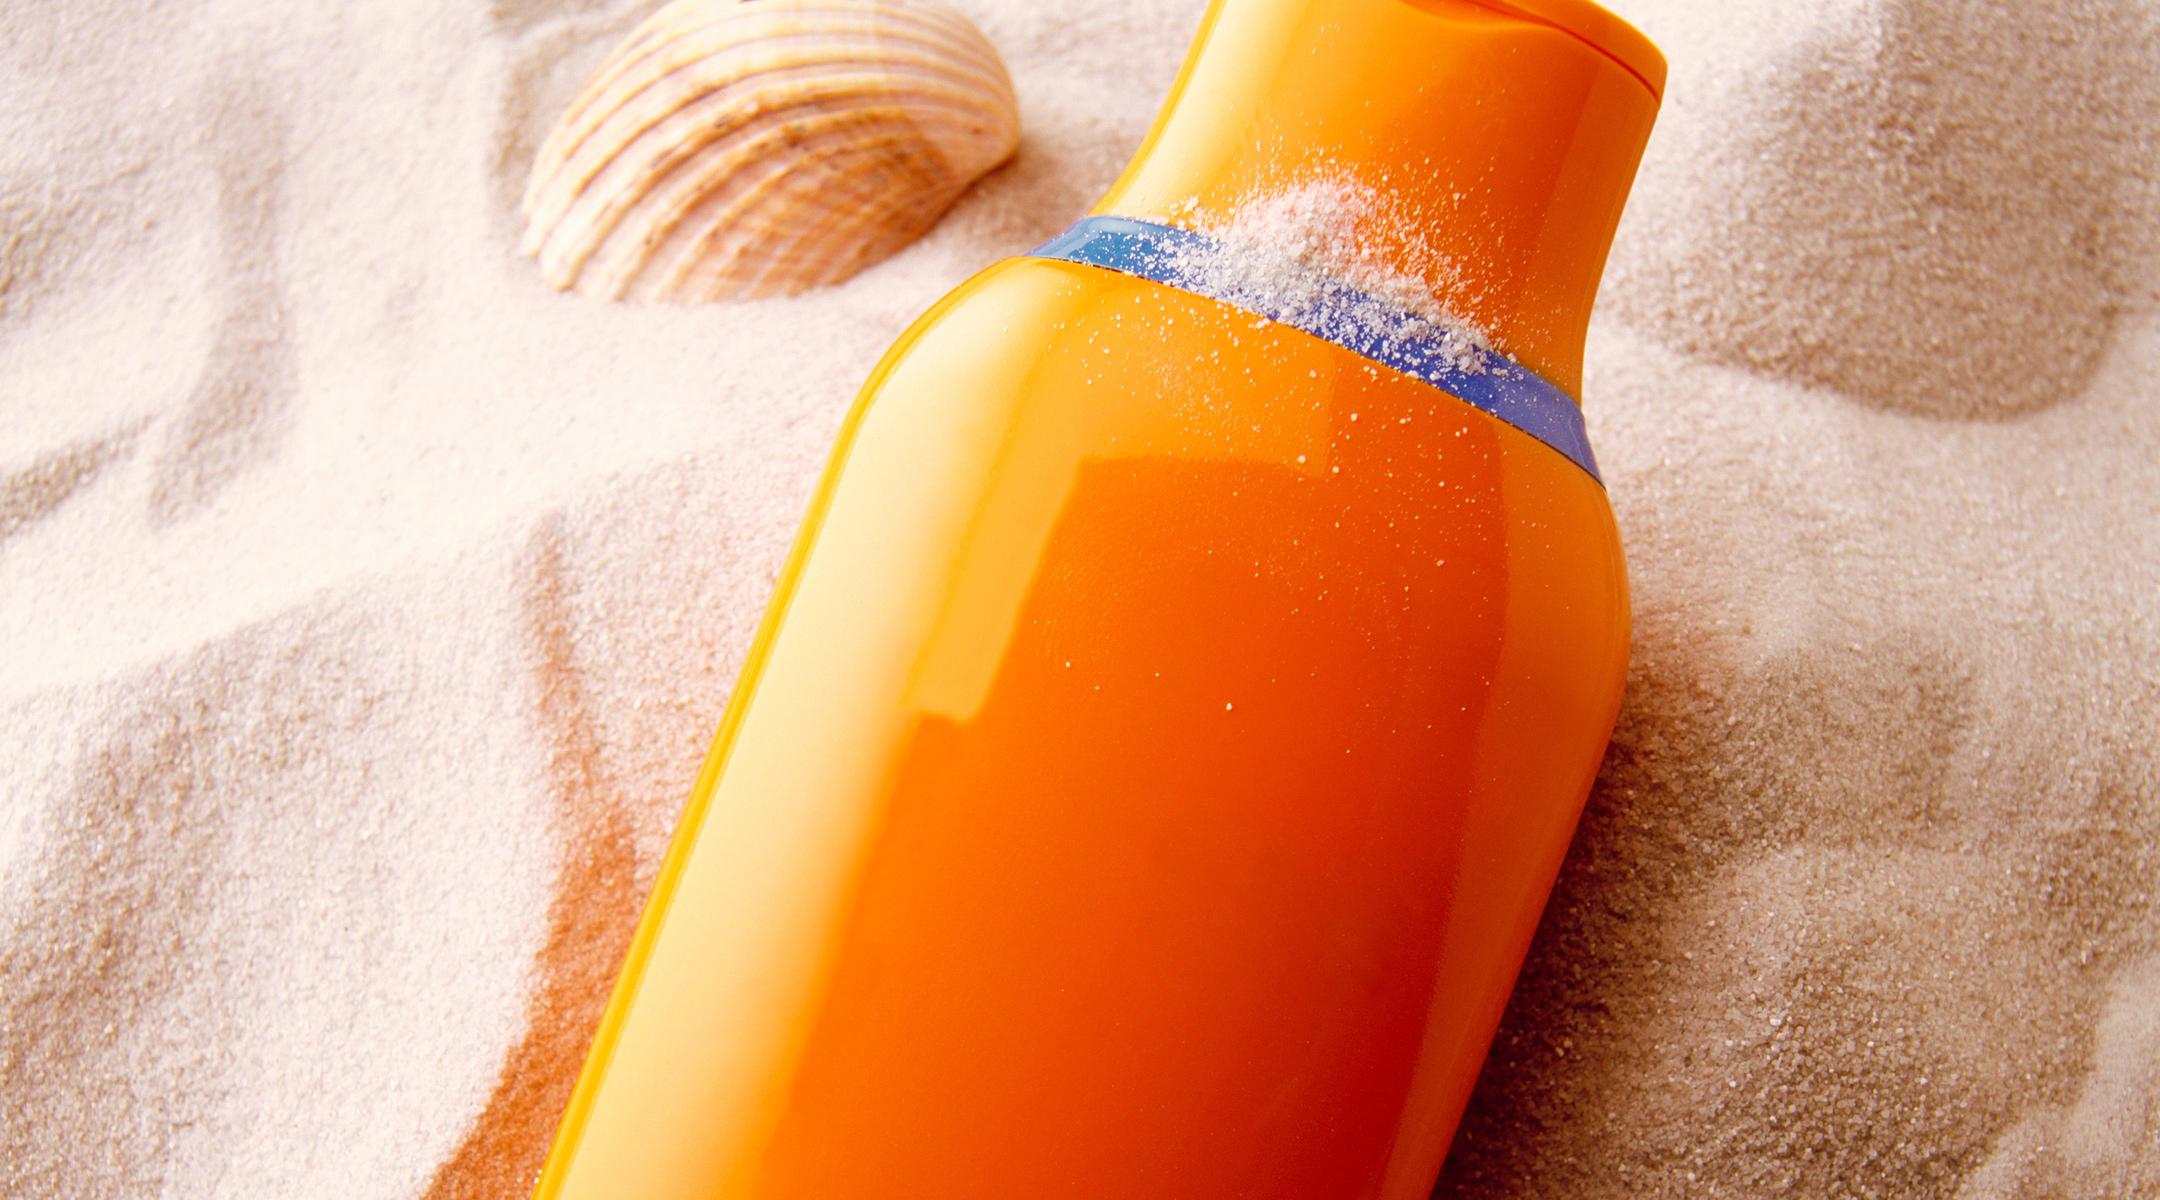 استفاده کرم ضد آفتاب در دوران بارداری